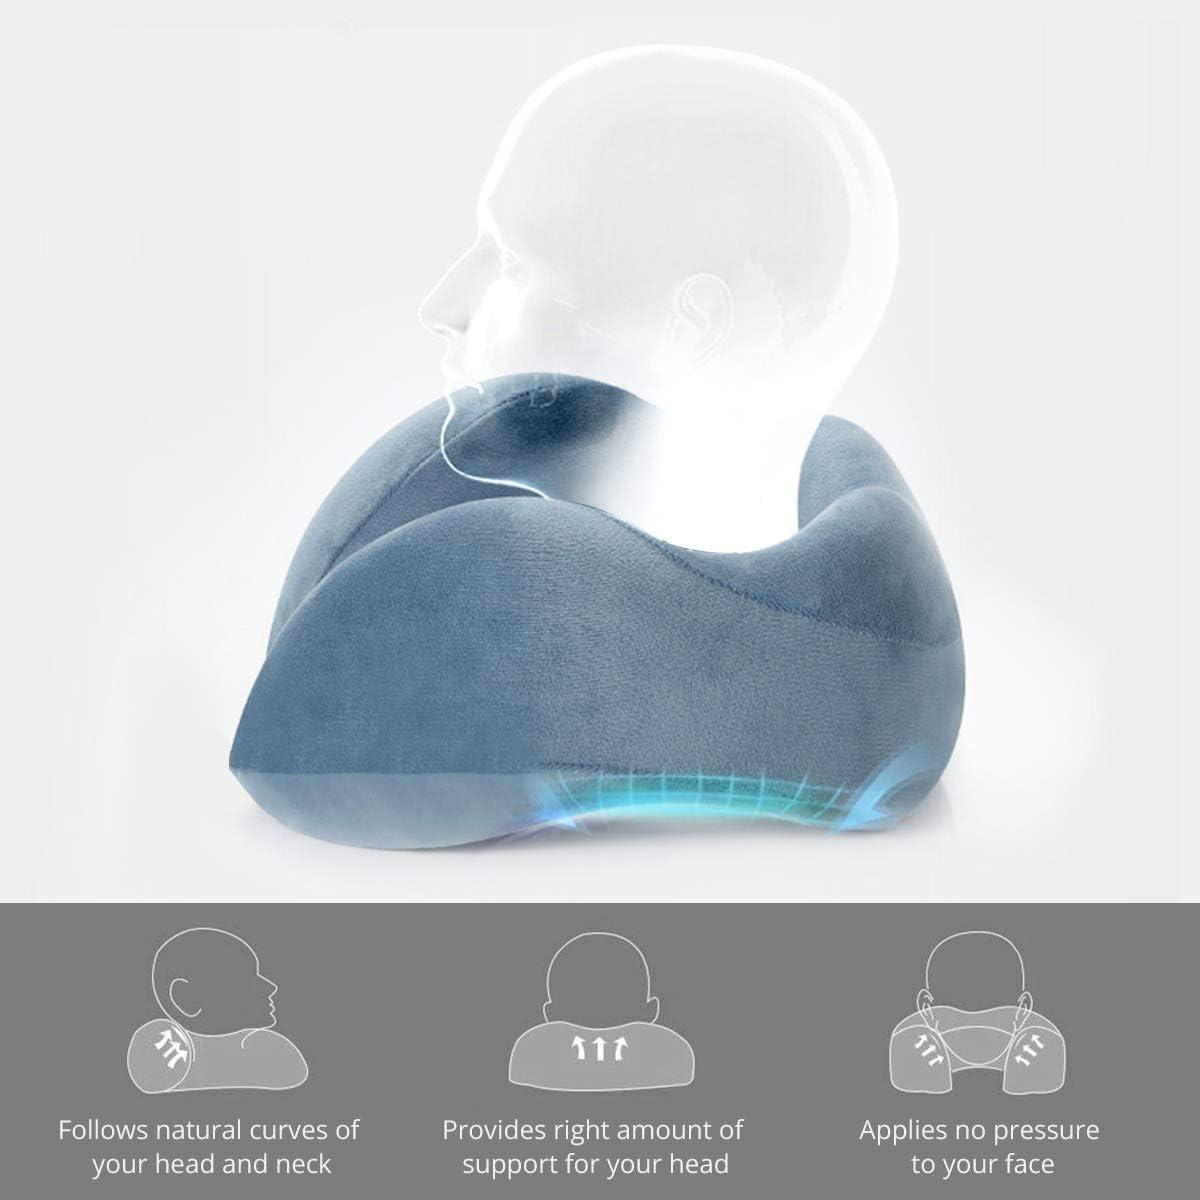 Emolli Oreiller de Voyage Portable avec Masque de Sommeil Coussin de Soutien pour Oreiller Cervical en Mousse /à m/émoire de Forme avec Coussin de Rangement Rapide et l/éger pour vol Long-courrier